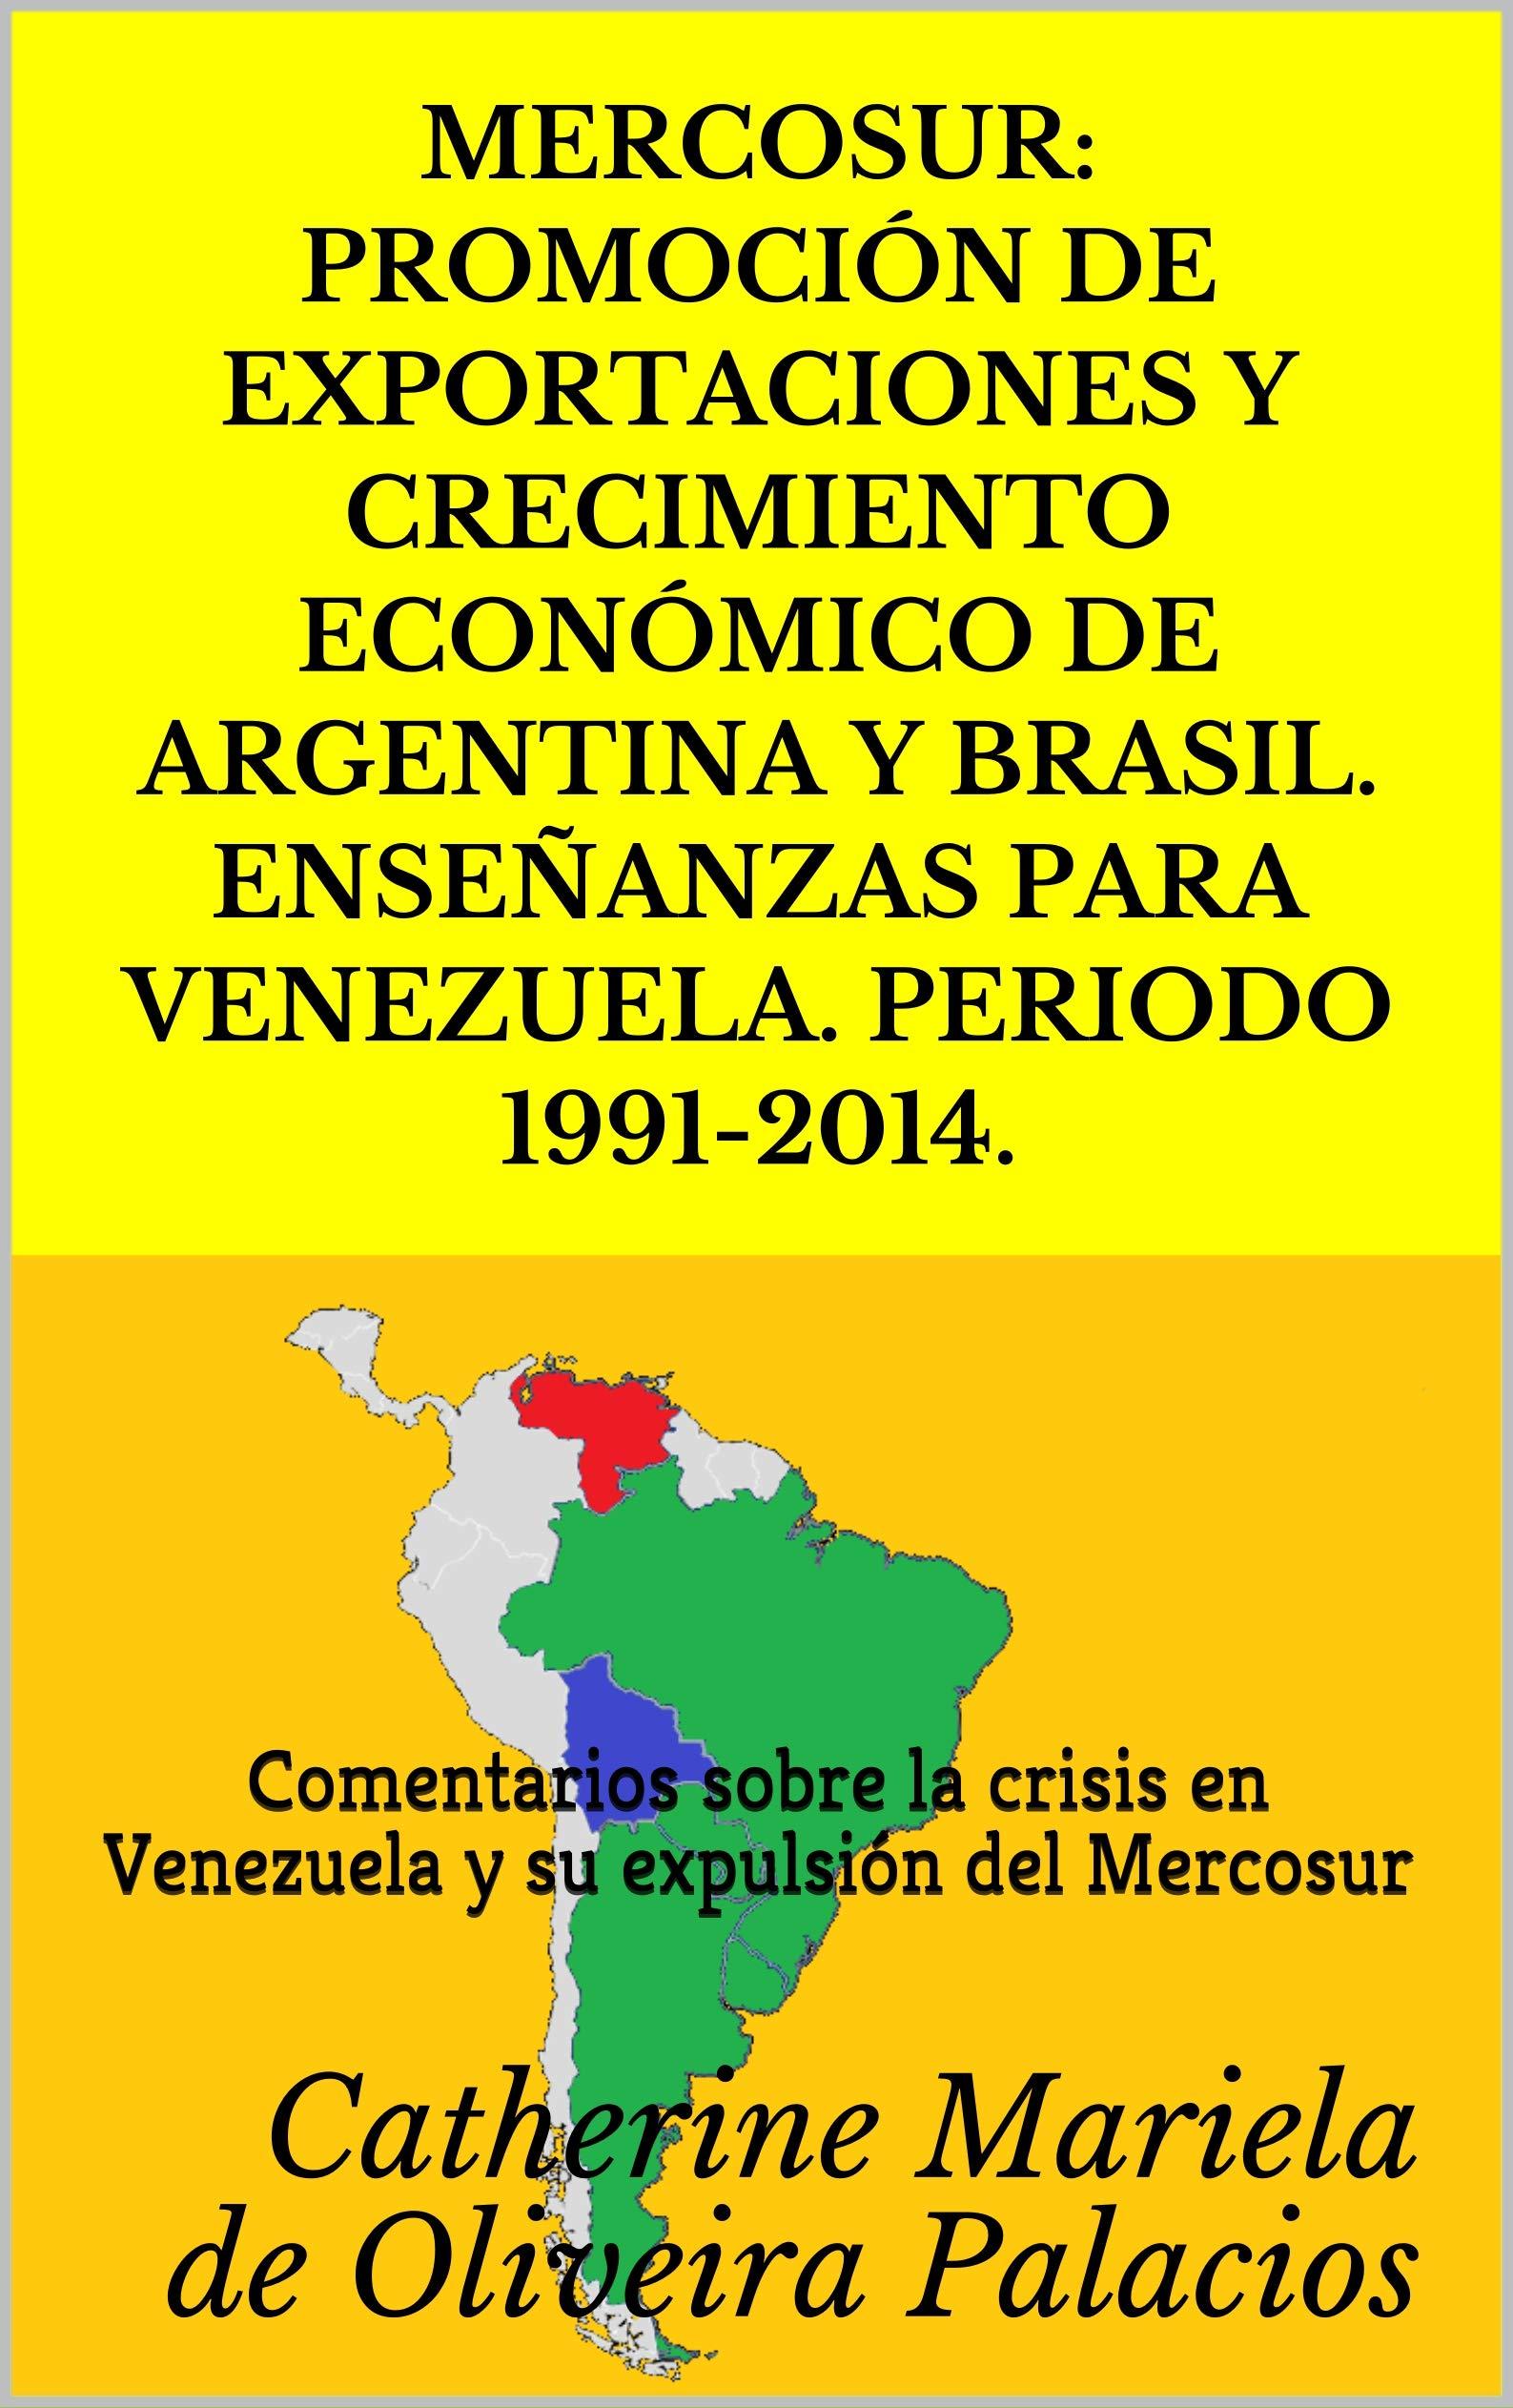 MERCOSUR: PROMOCIÓN DE EXPORTACIONES Y CRECIMIENTO ECONÓMICO DE ARGENTINA Y BRASIL. ENSEÑANZAS PARA VENEZUELA. PERIODO 1991-2014: Comentarios sobre la ... su expulsión del Mercosur (Spanish Edition)